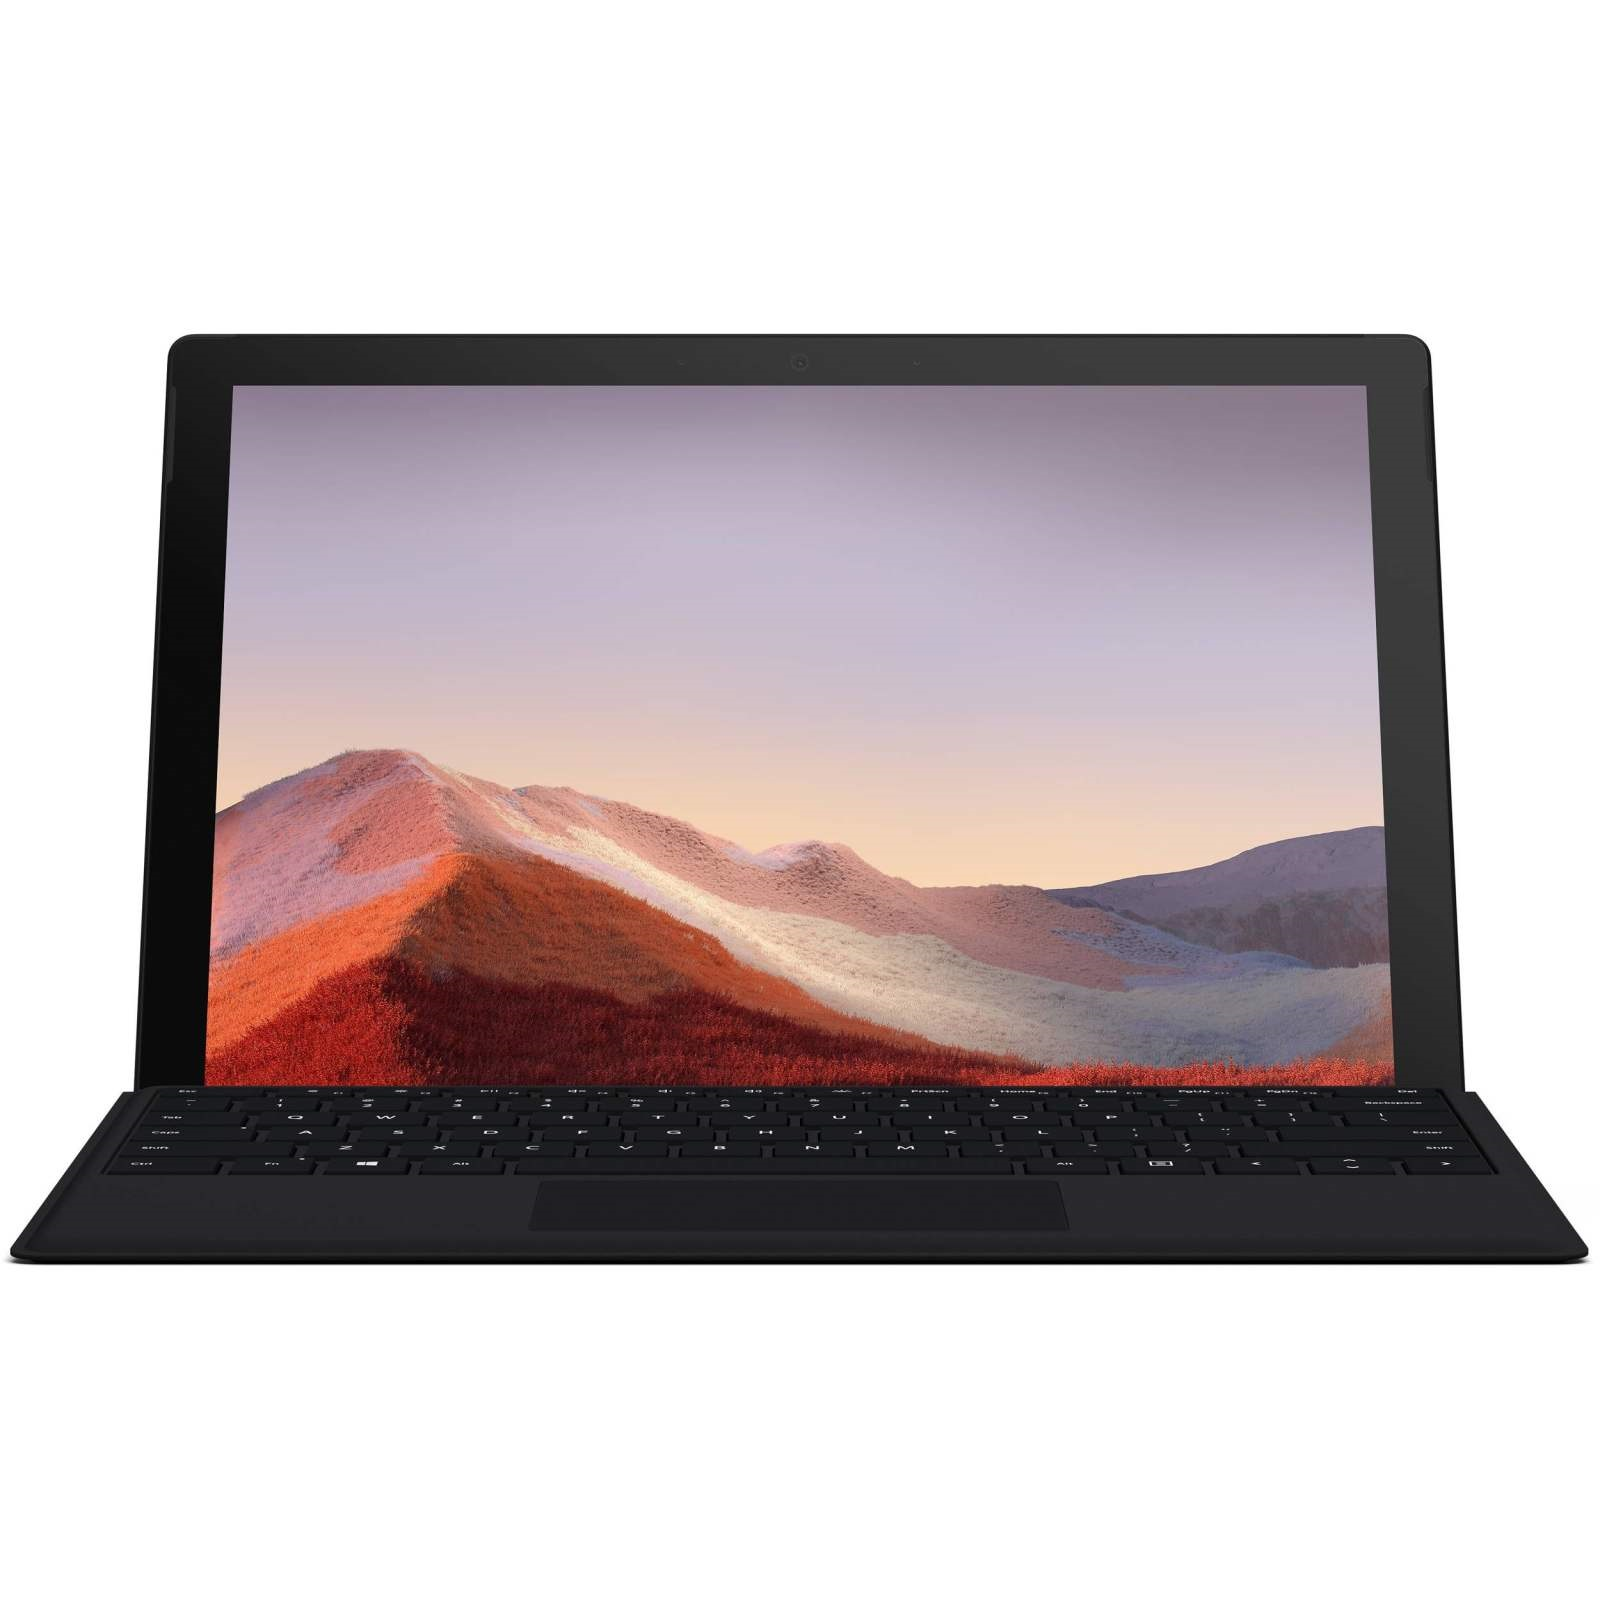 تصویر تبلت مایکروسافت مدل Microsoft Surface Pro 7 – C  به همراه کیبورد Signature